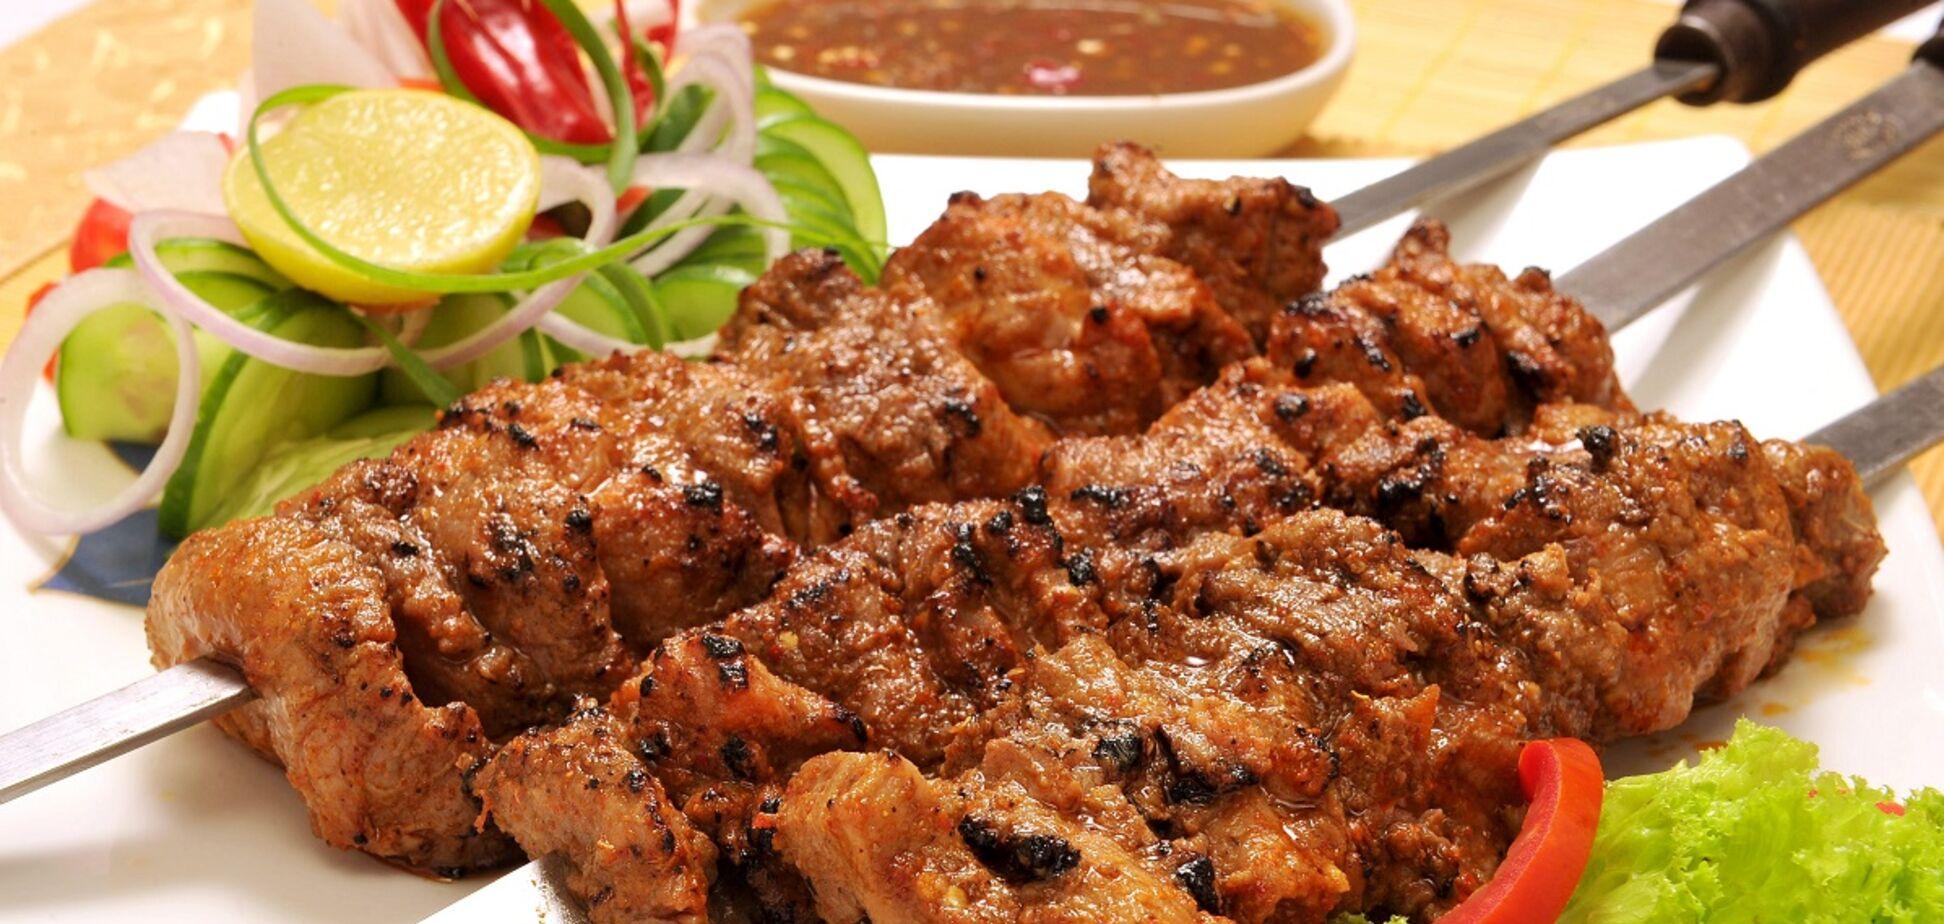 Як замаринувати ошийок на шашлик, аби м'ясо було соковитим і смачним